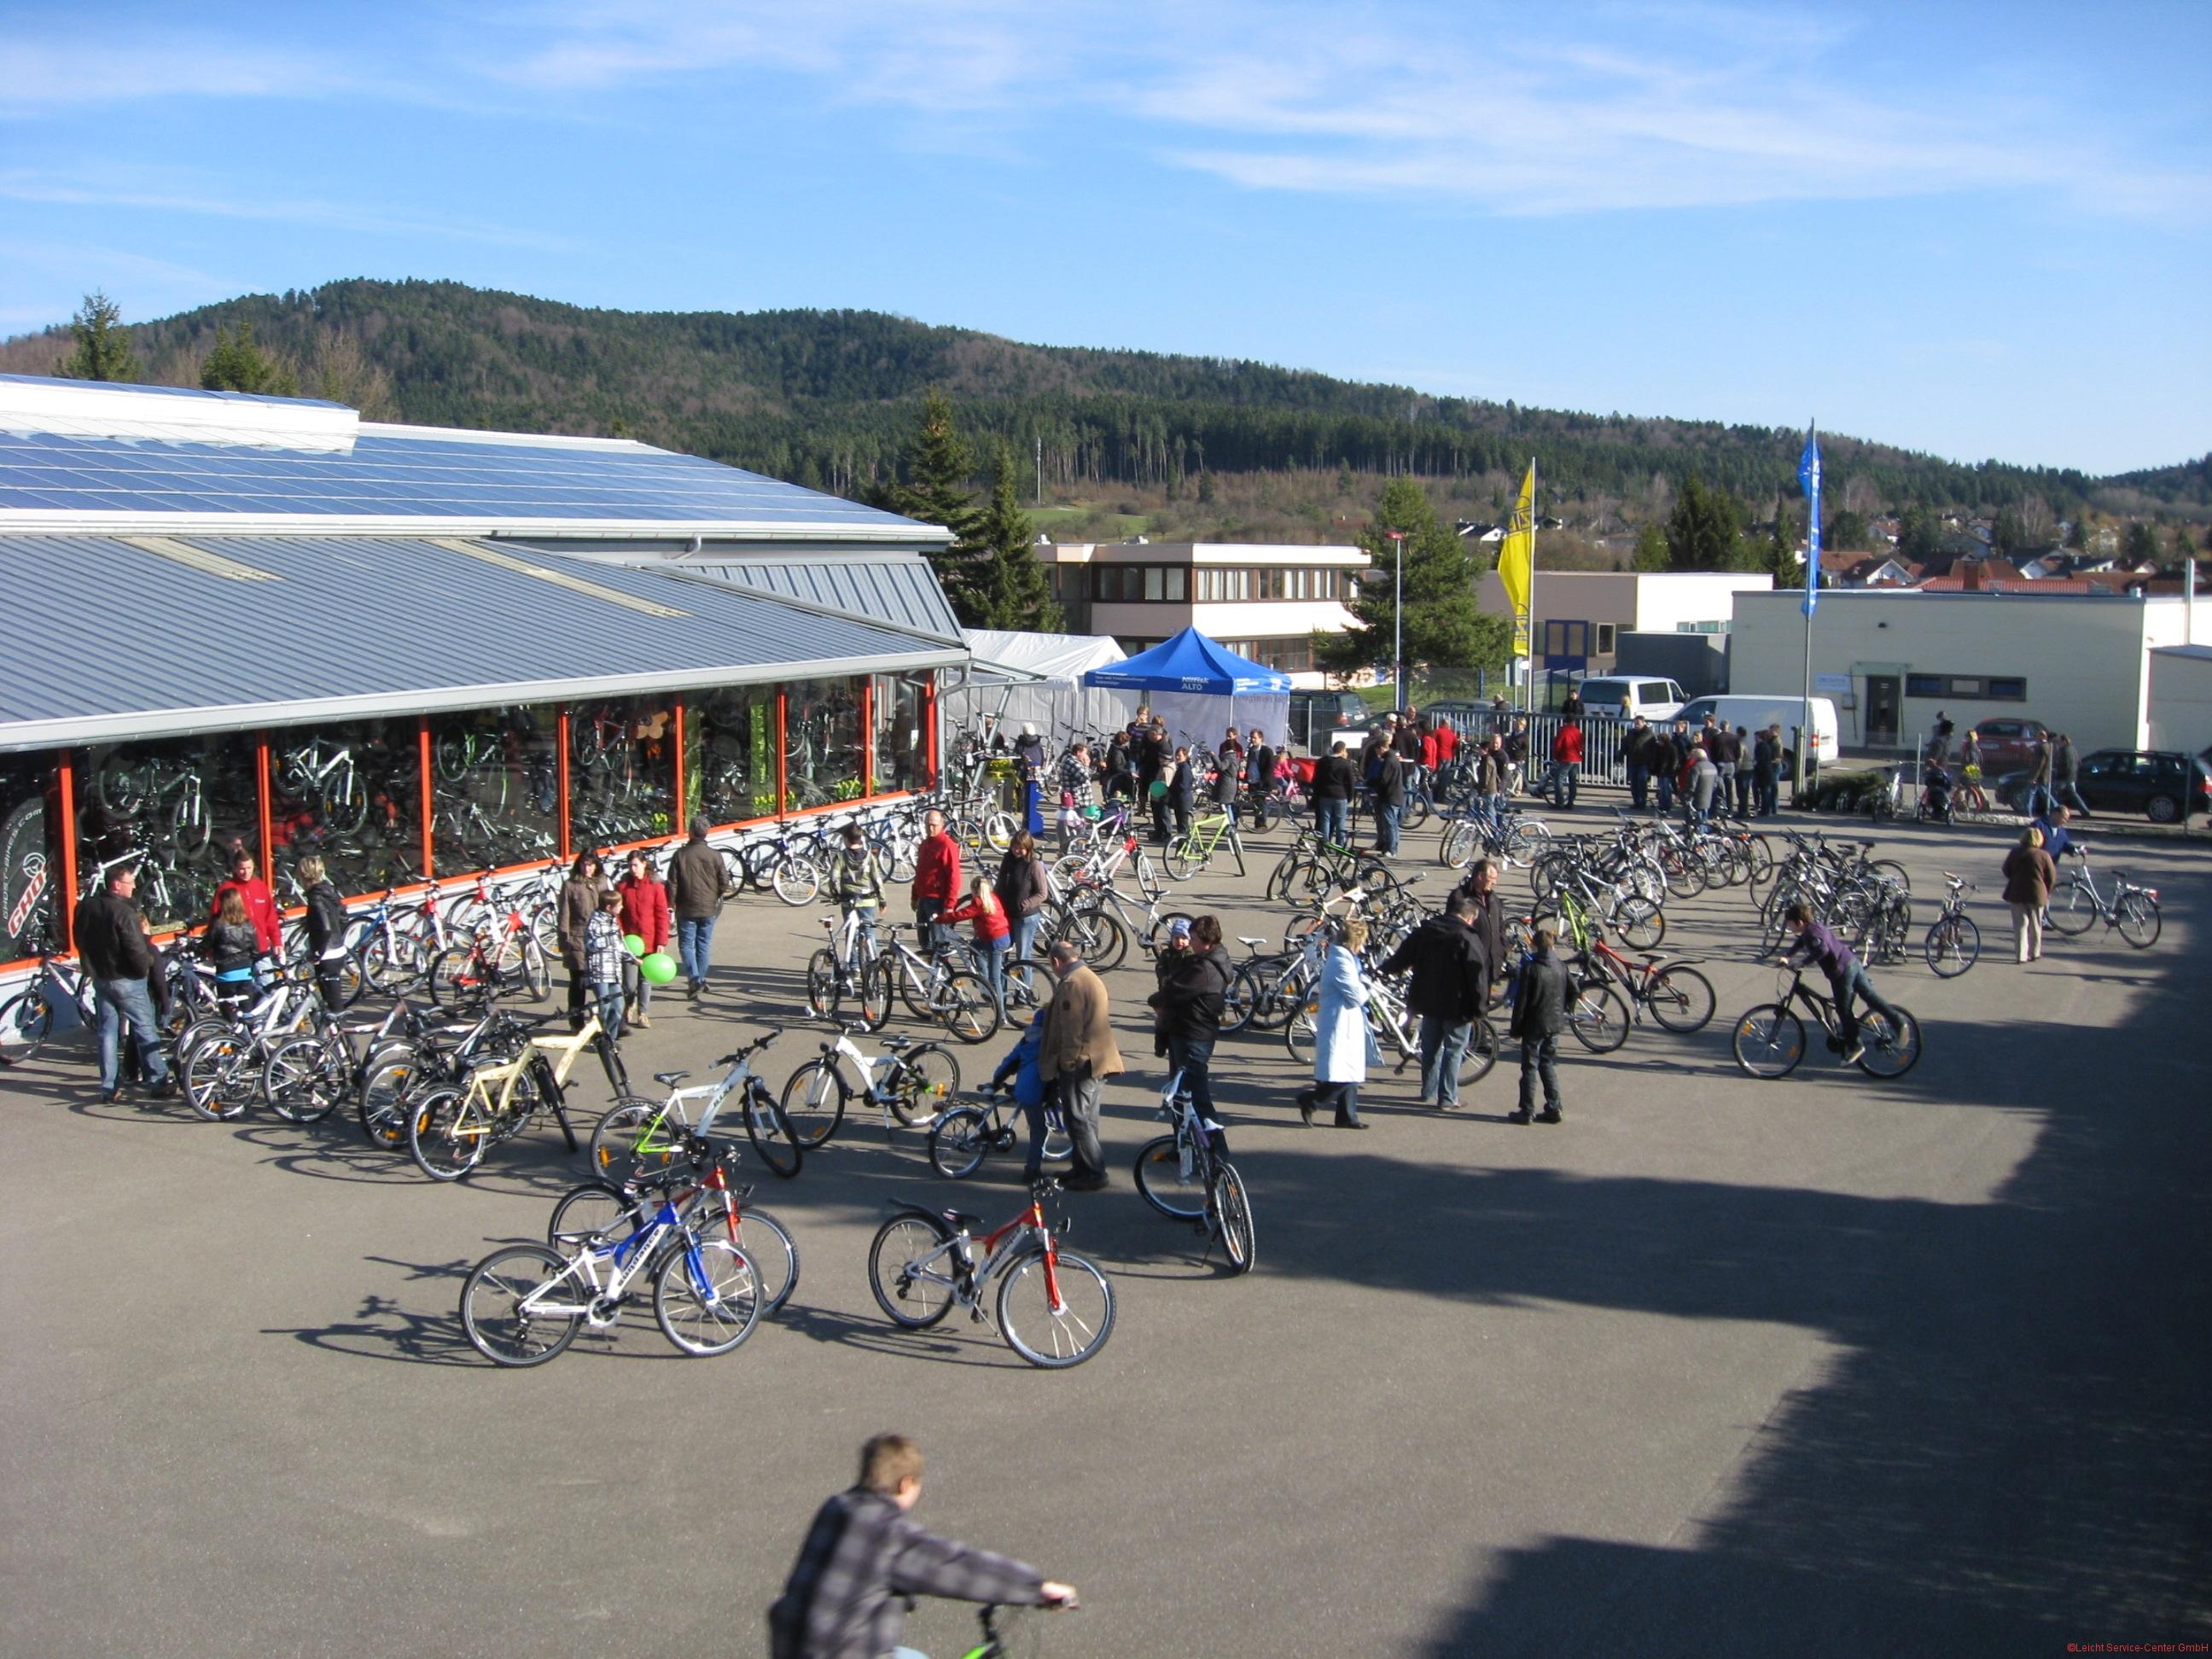 Fahrrad-Sonderschau 2011-03-20 17-01-38